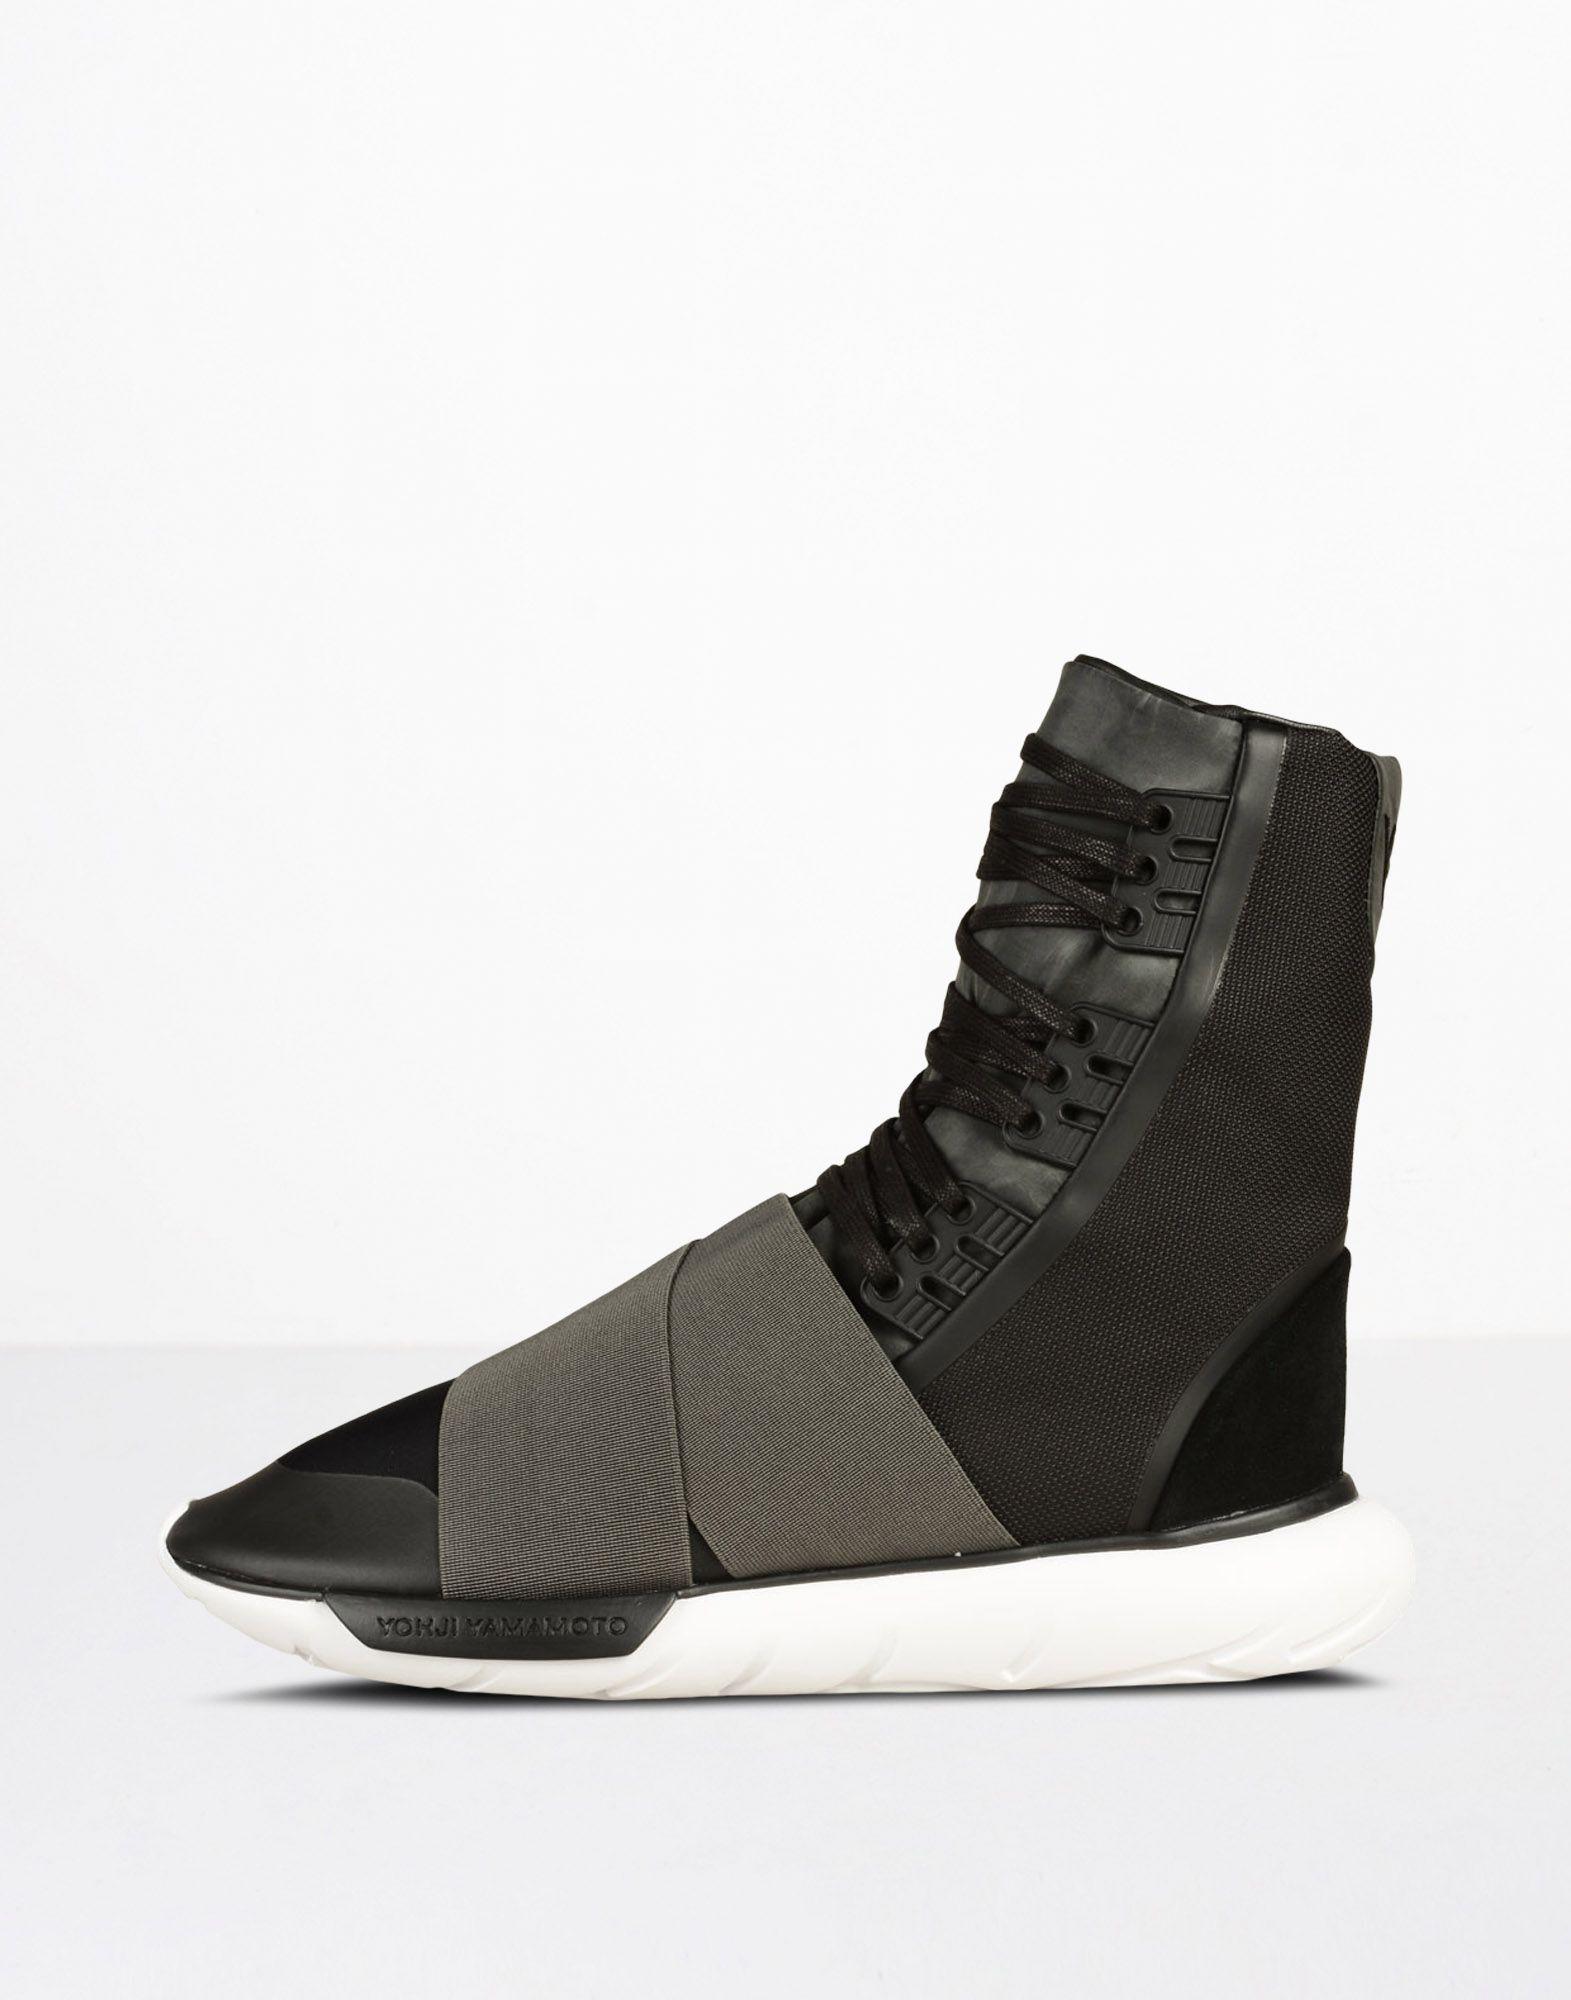 Y-3 QASA BOOT Shoes man Y-3 adidas